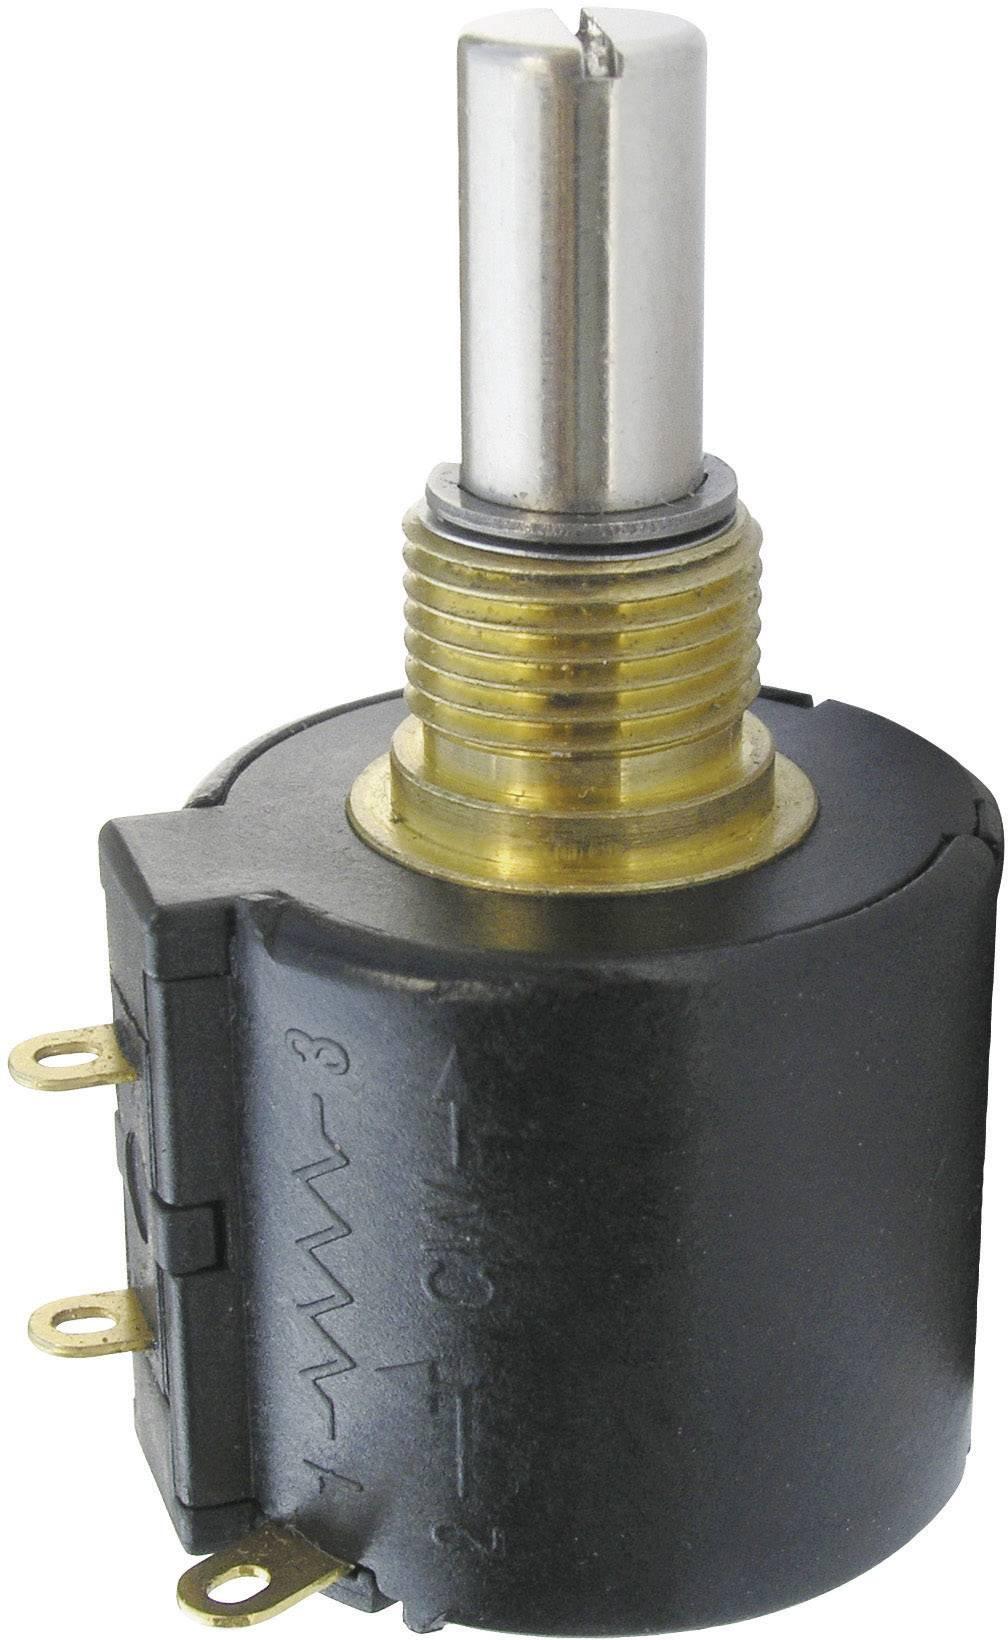 Presný potenciometer Wirewound, 10-cestný mono Bourns 3549S-1AA-201A 3549S-1AA-201A, 2 W, 200 Ohm, 1 ks